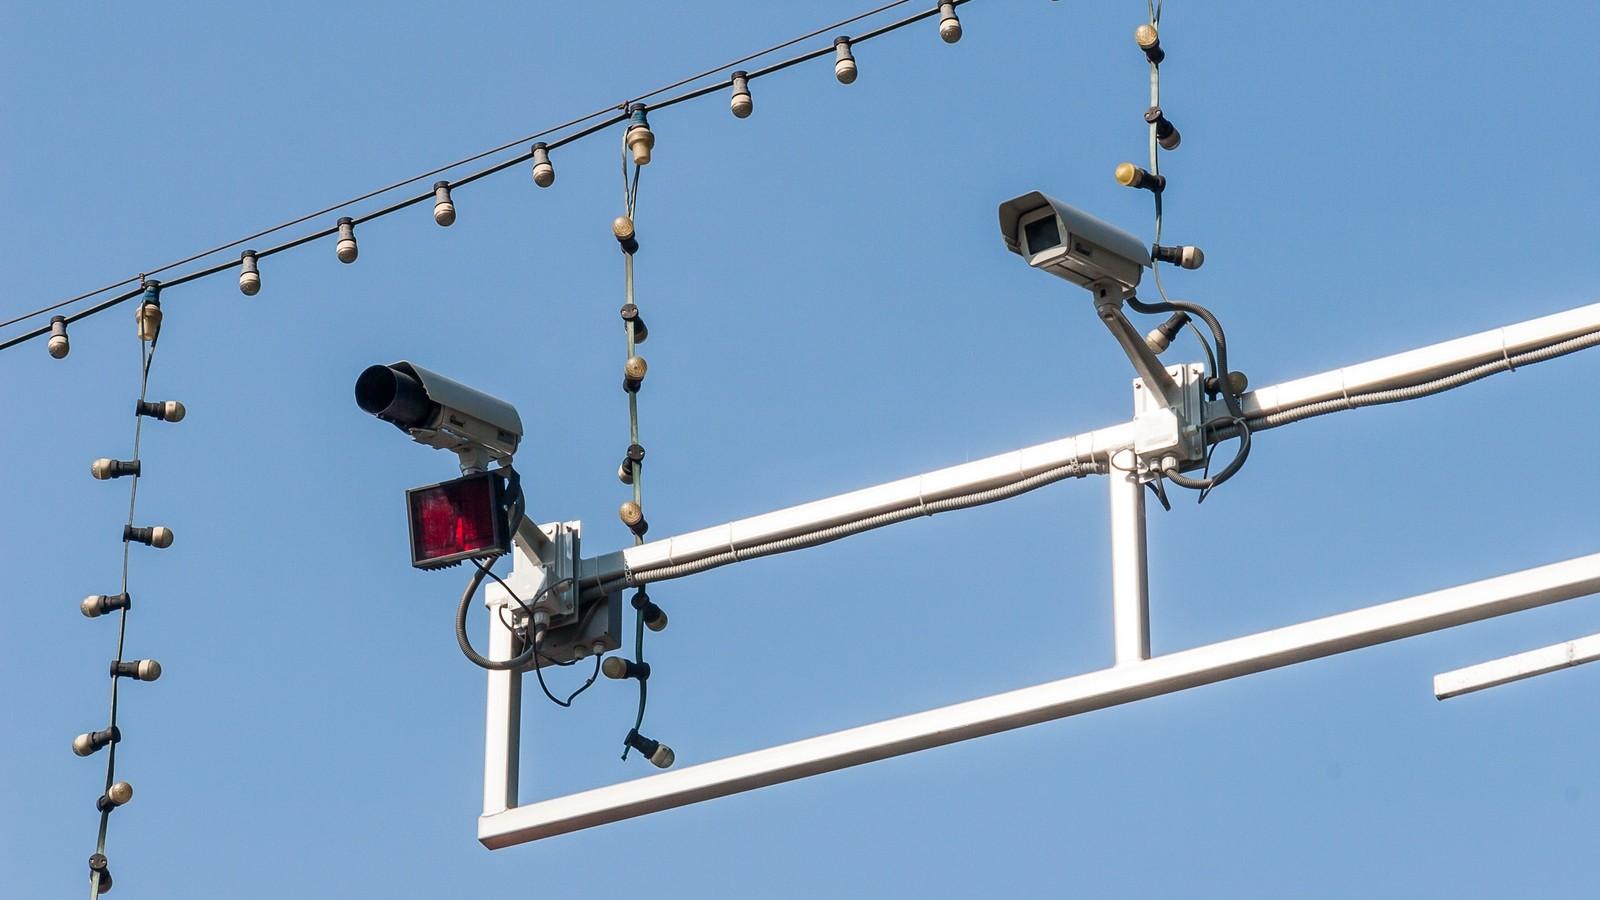 Road surveillance cameras